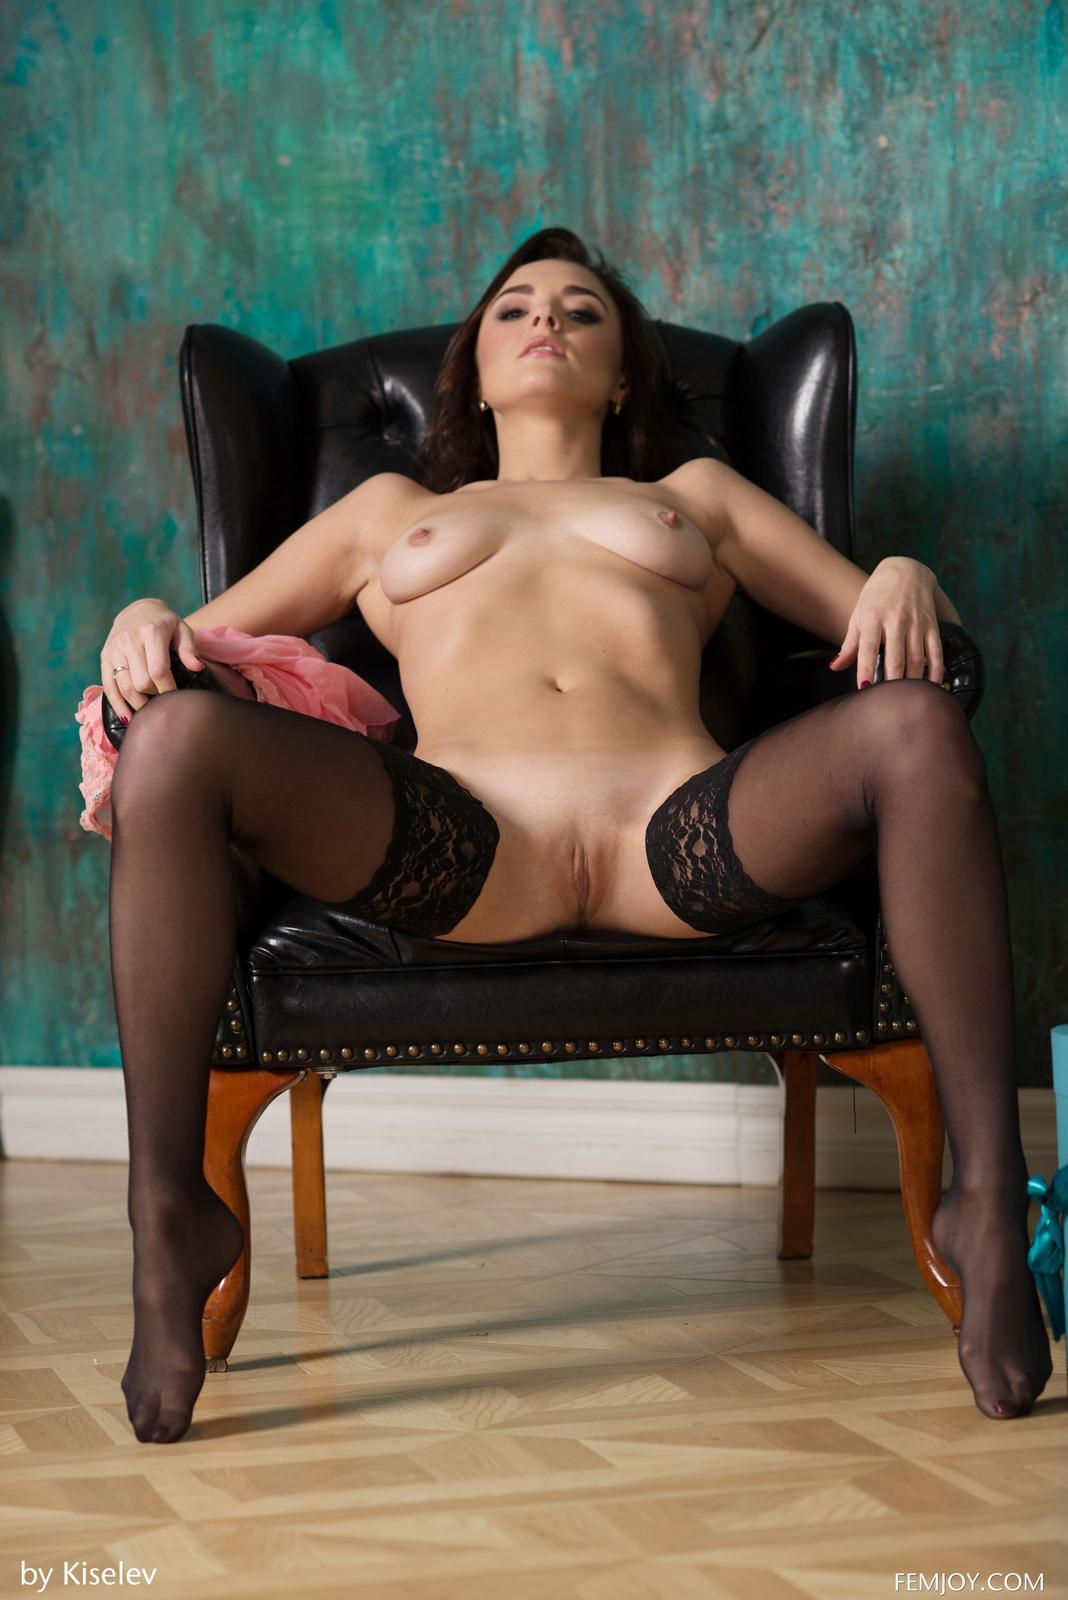 nika-a-nude-black-stockings-armchair-femjoy-08